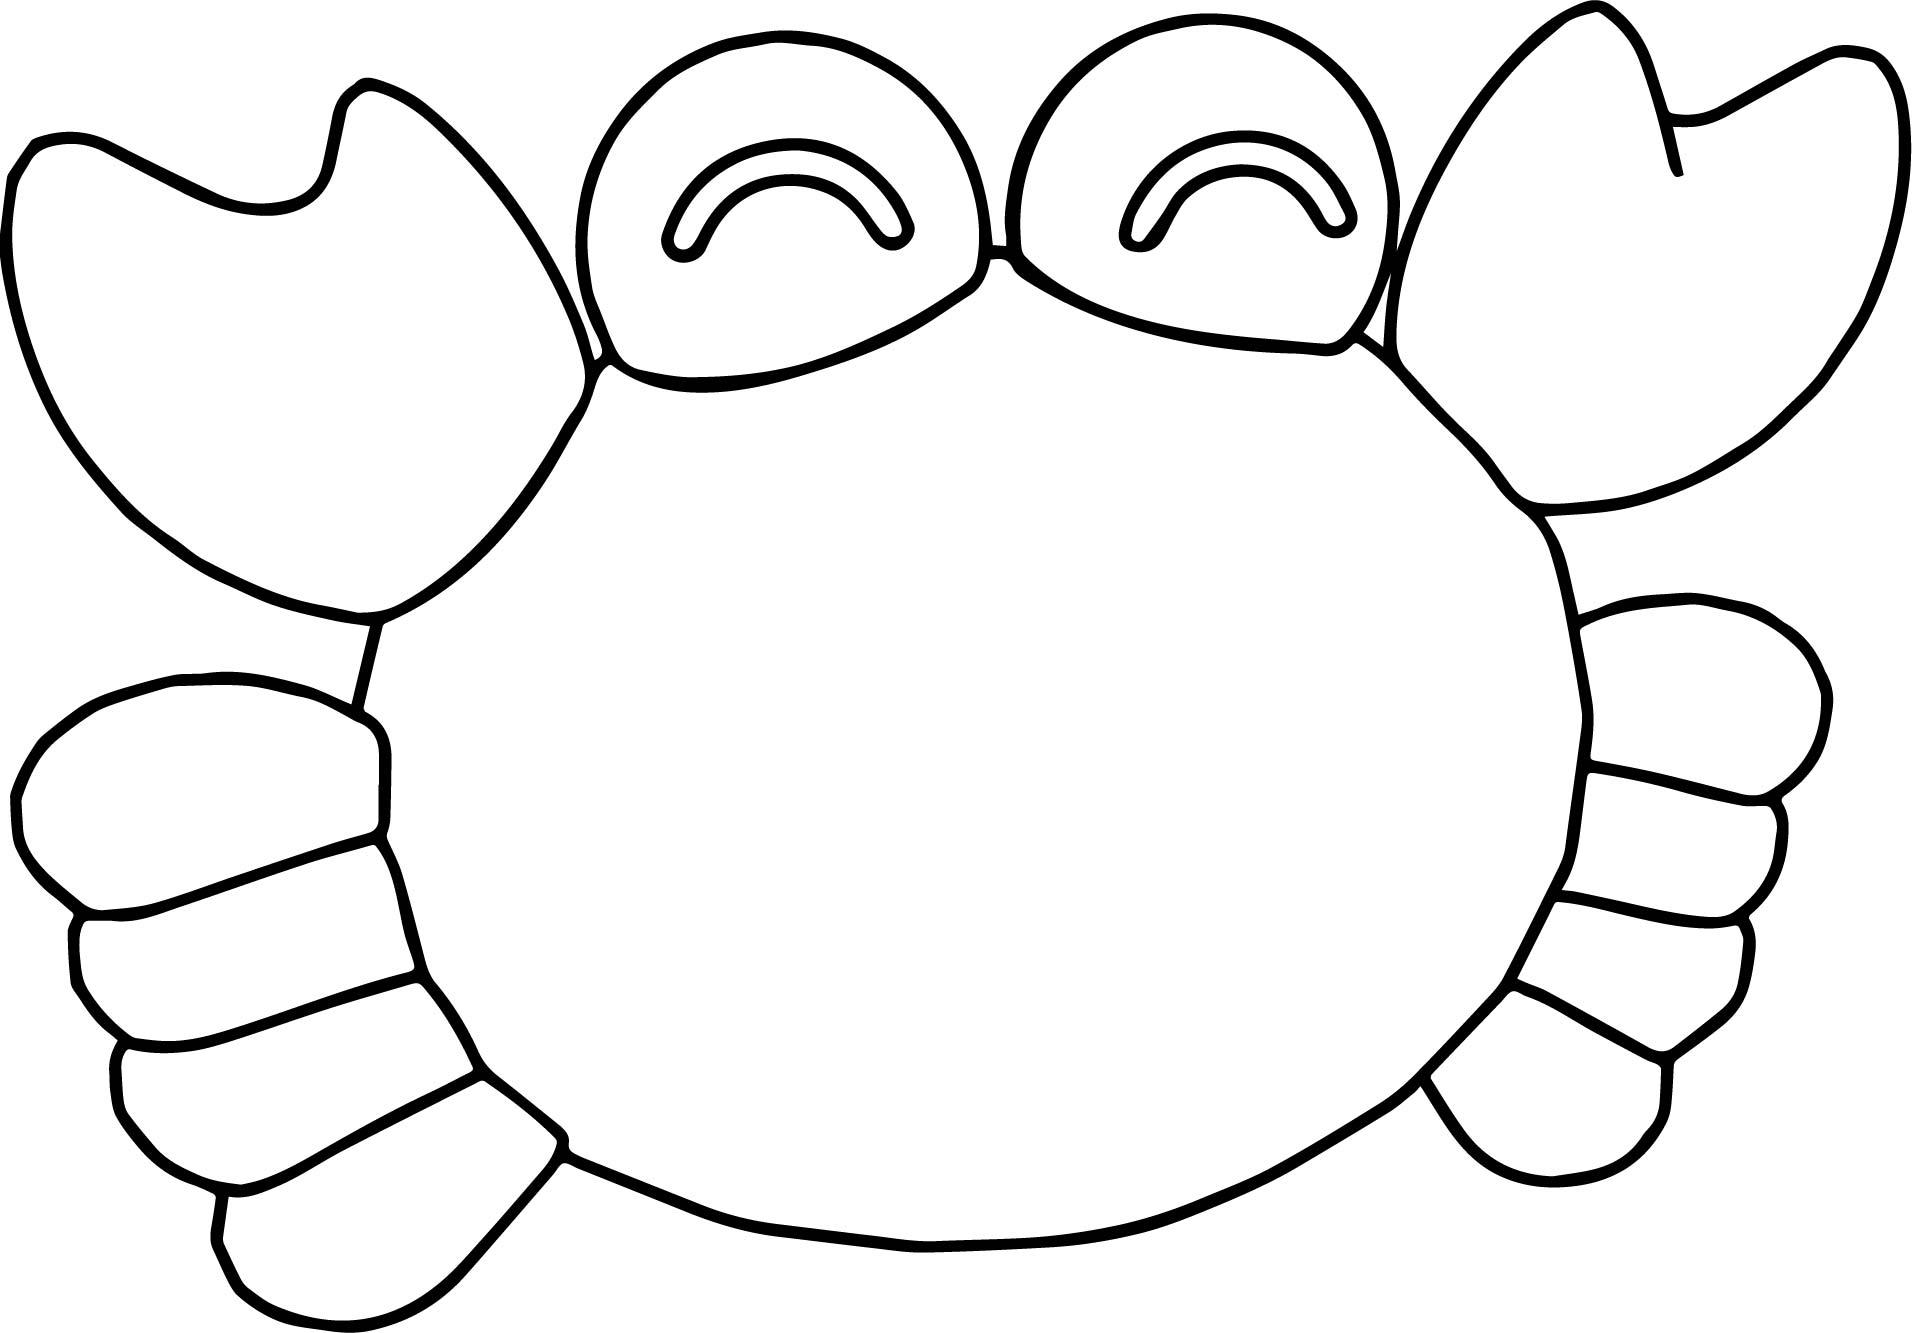 Happy Crab Coloring Page | Wecoloringpage.com